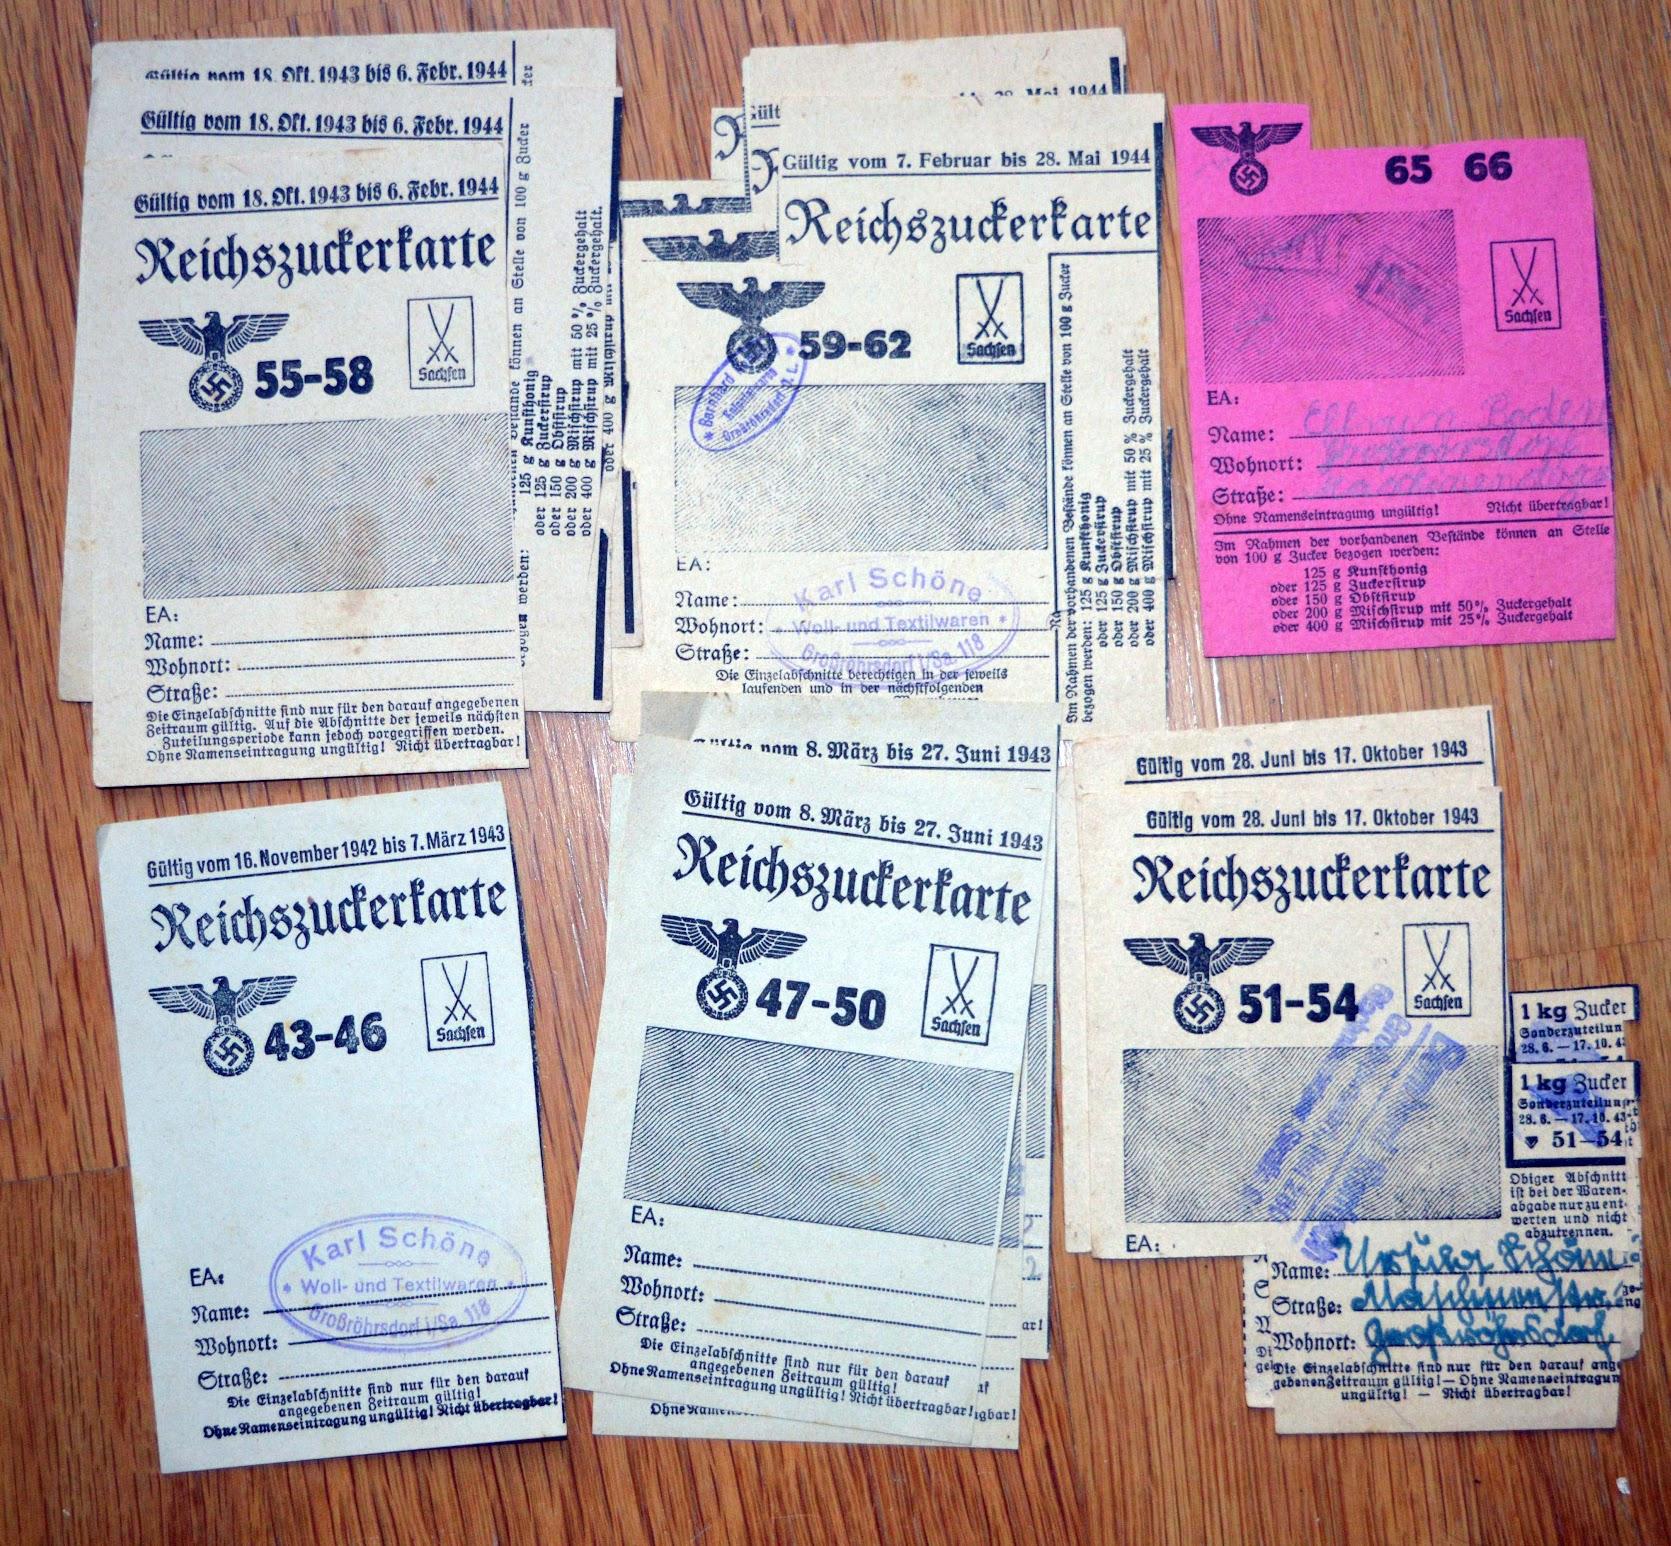 Lebensmittelkarte Reichszuckerkarte oder Sirup und Kunsthonig